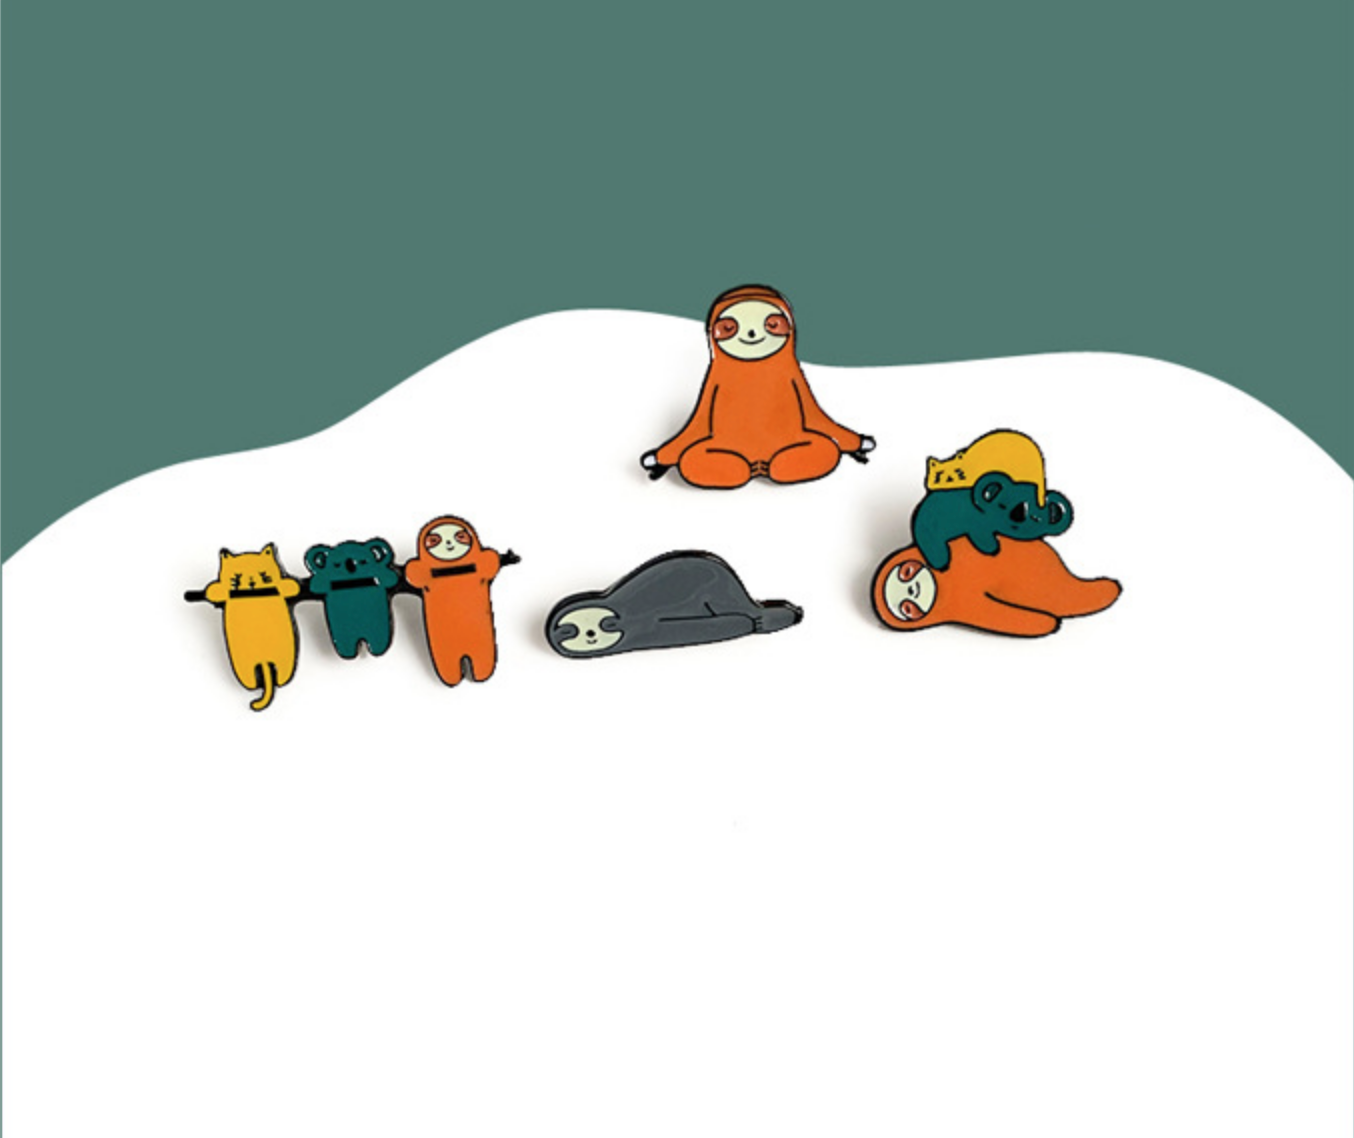 Sloth/Koala/Cat Pile Pin